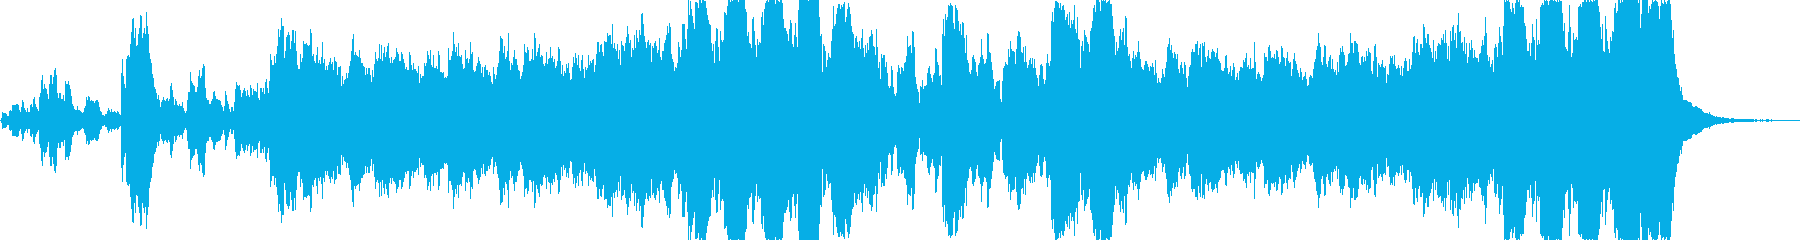 ヒーローの入場に適したオーケストラの再生済みの波形